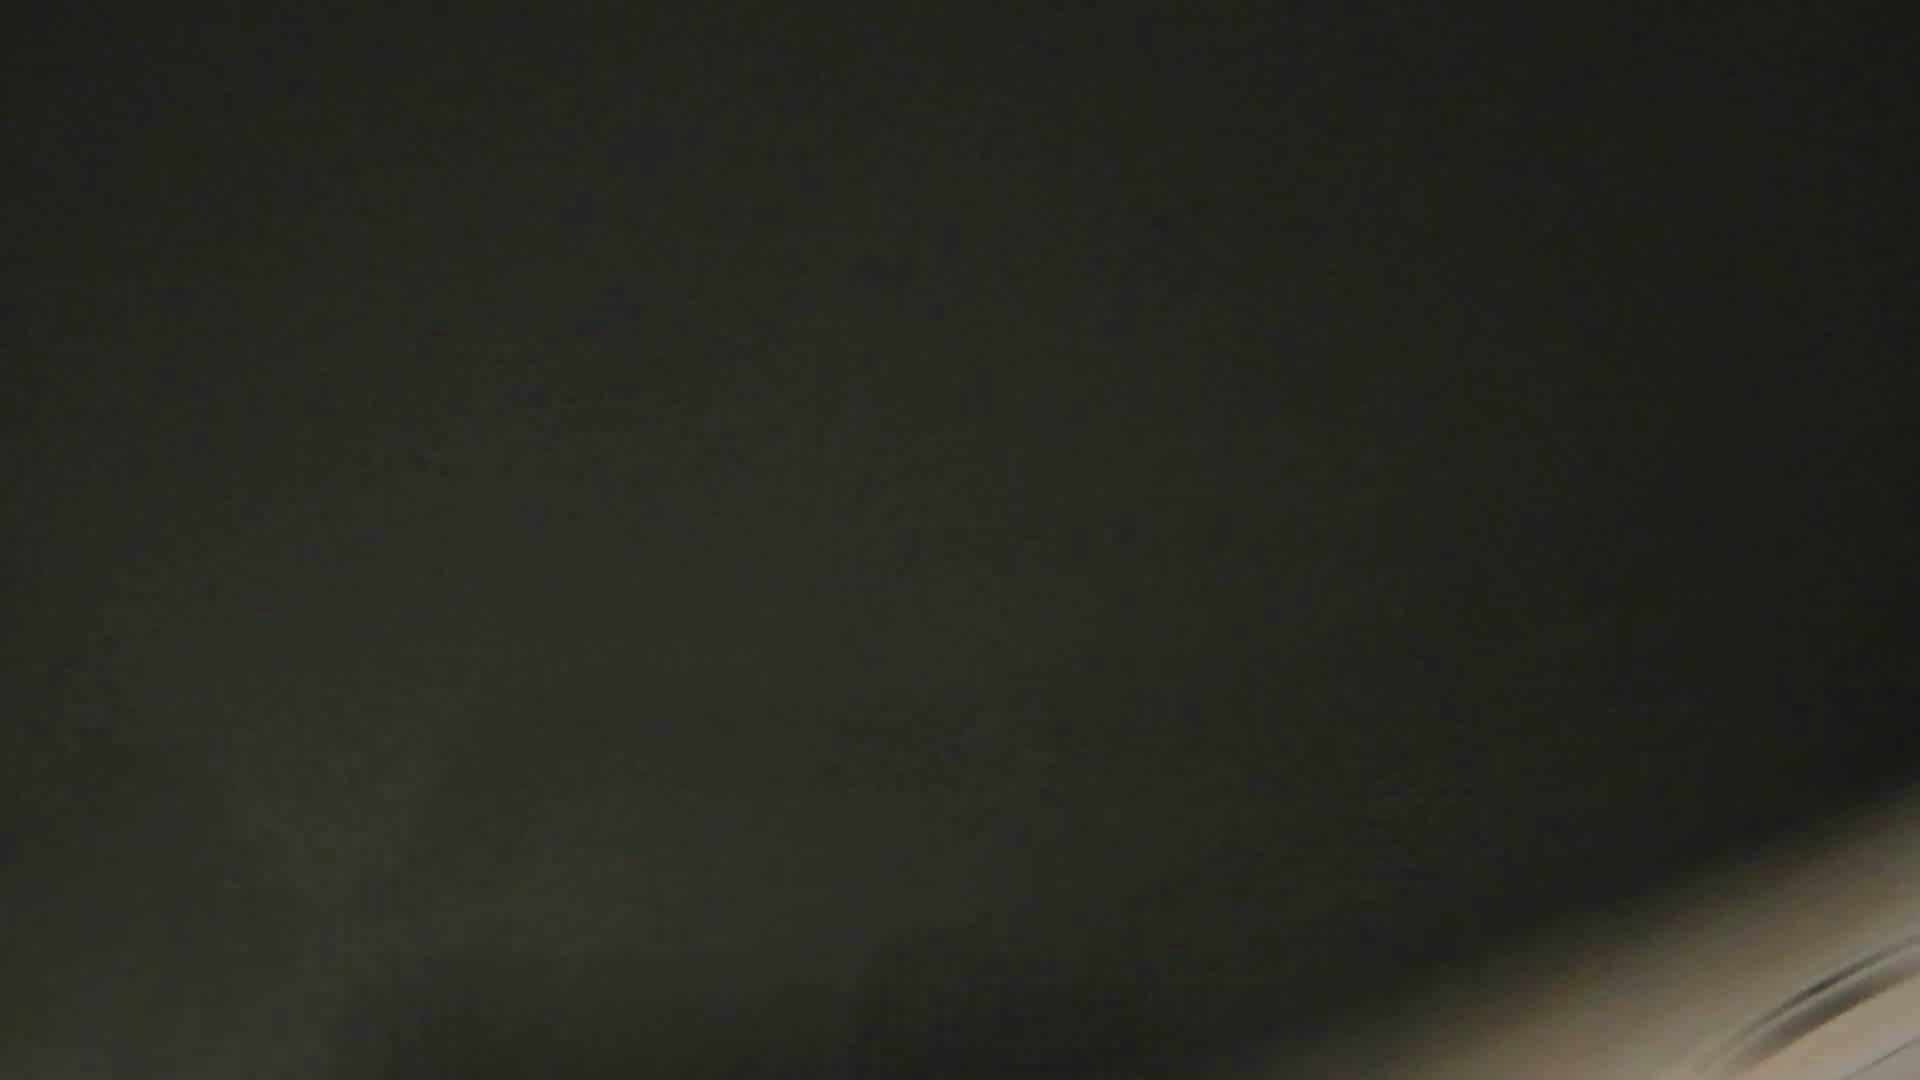 世界の射窓から ステーション編 vol.17厦大女厕偷拍 qianp 洗面所  87PIX 19